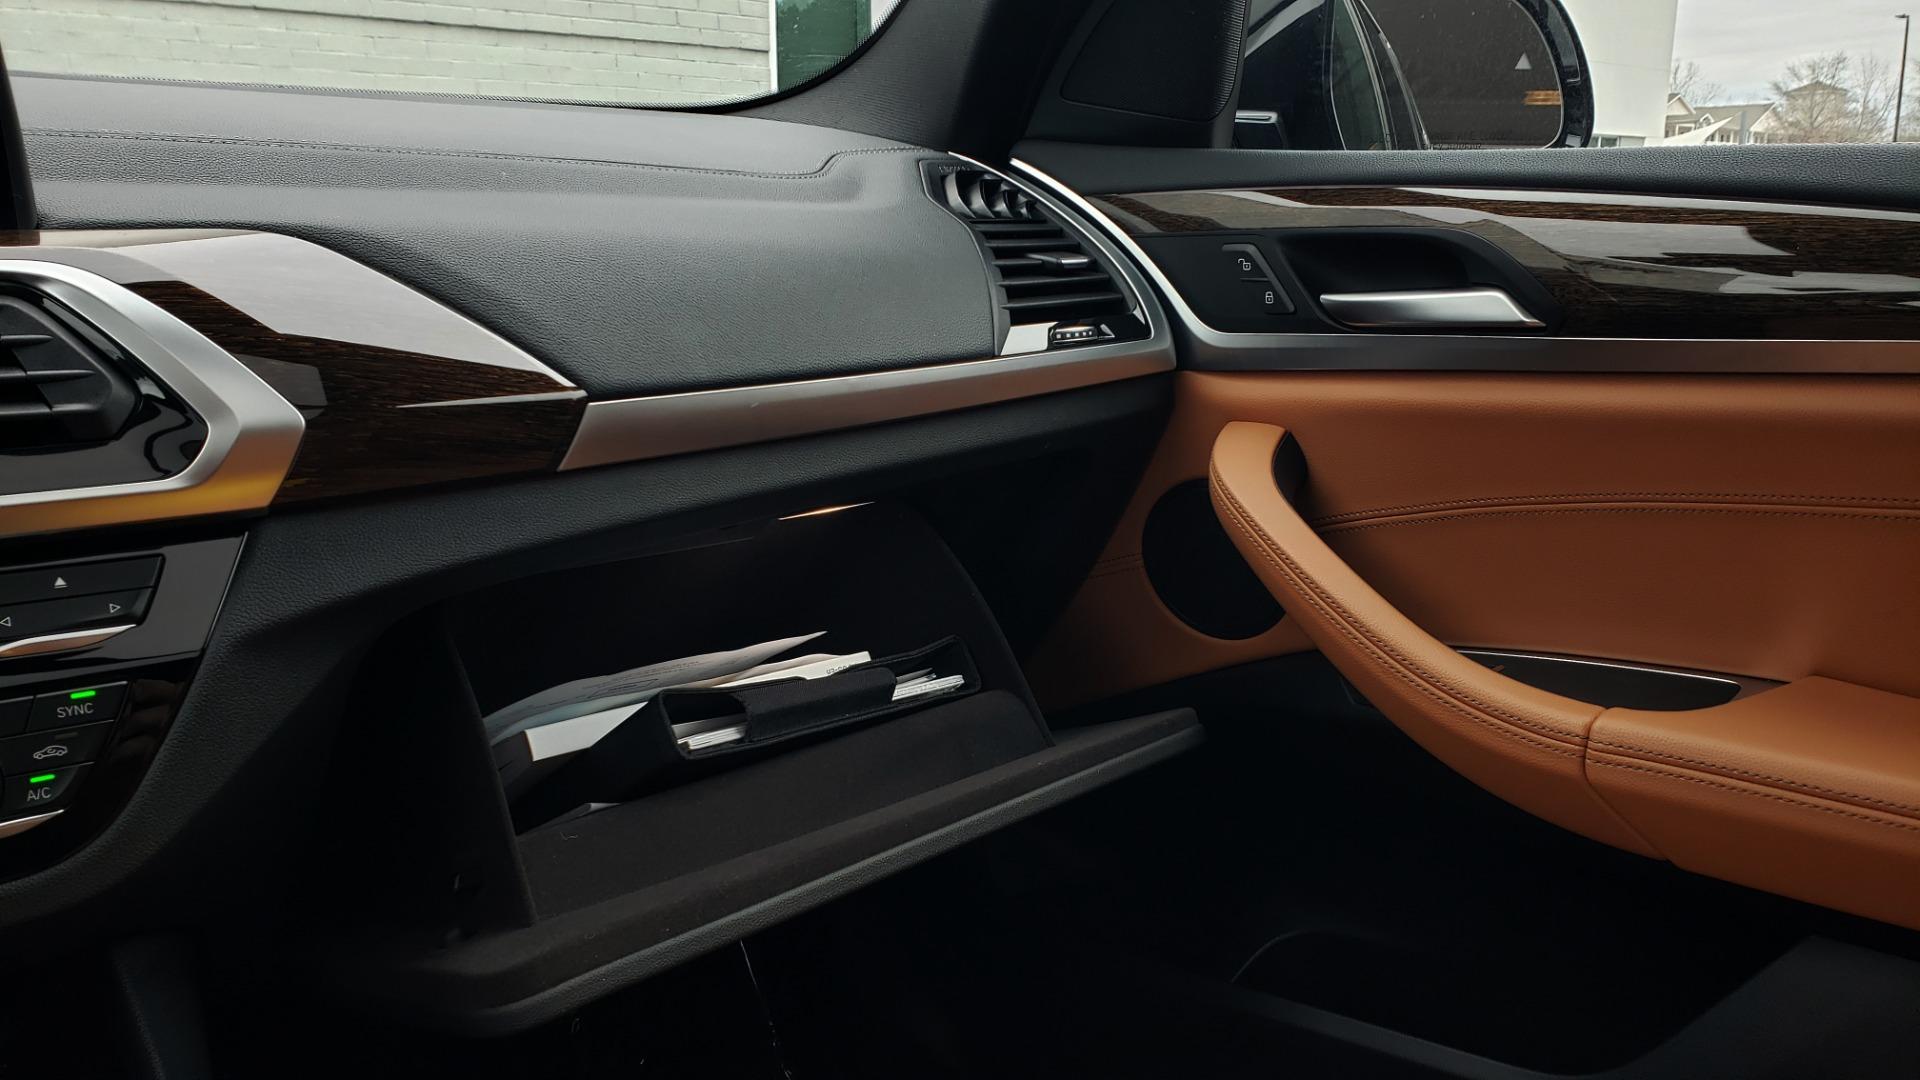 Used 2018 BMW X3 XDRIVE30I / LUX PKG / PREM PKG / CONV PKG / PDC / APPLE CARPLAY for sale Sold at Formula Imports in Charlotte NC 28227 55